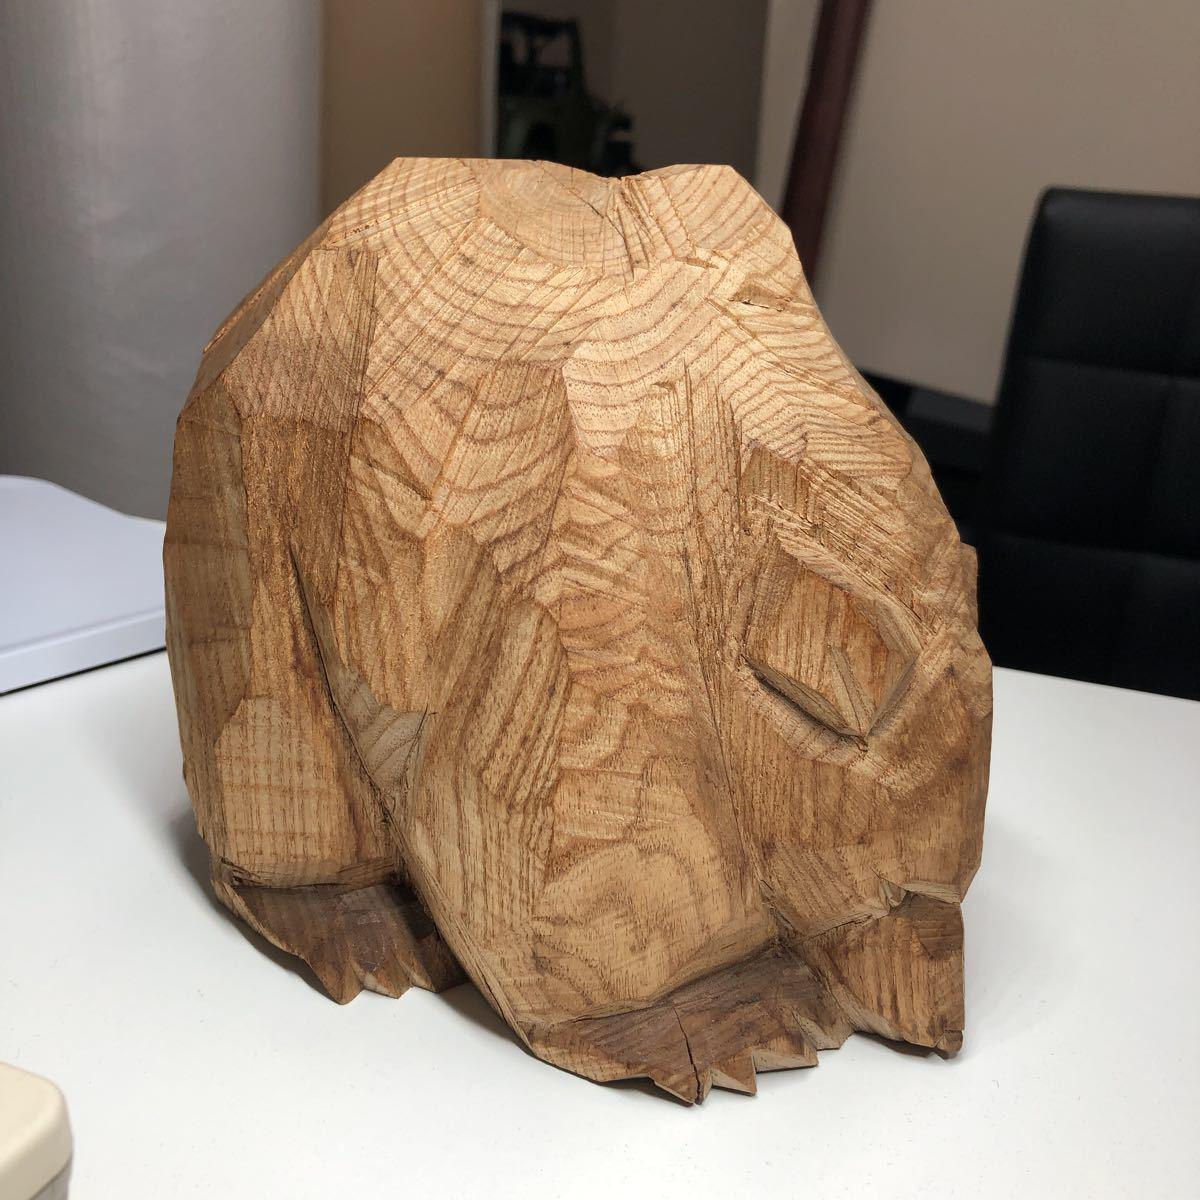 柴崎重行 八雲 木彫 熊 北海道 志 1966 高さ 約16cm幅 約17gm約 1.3Kg